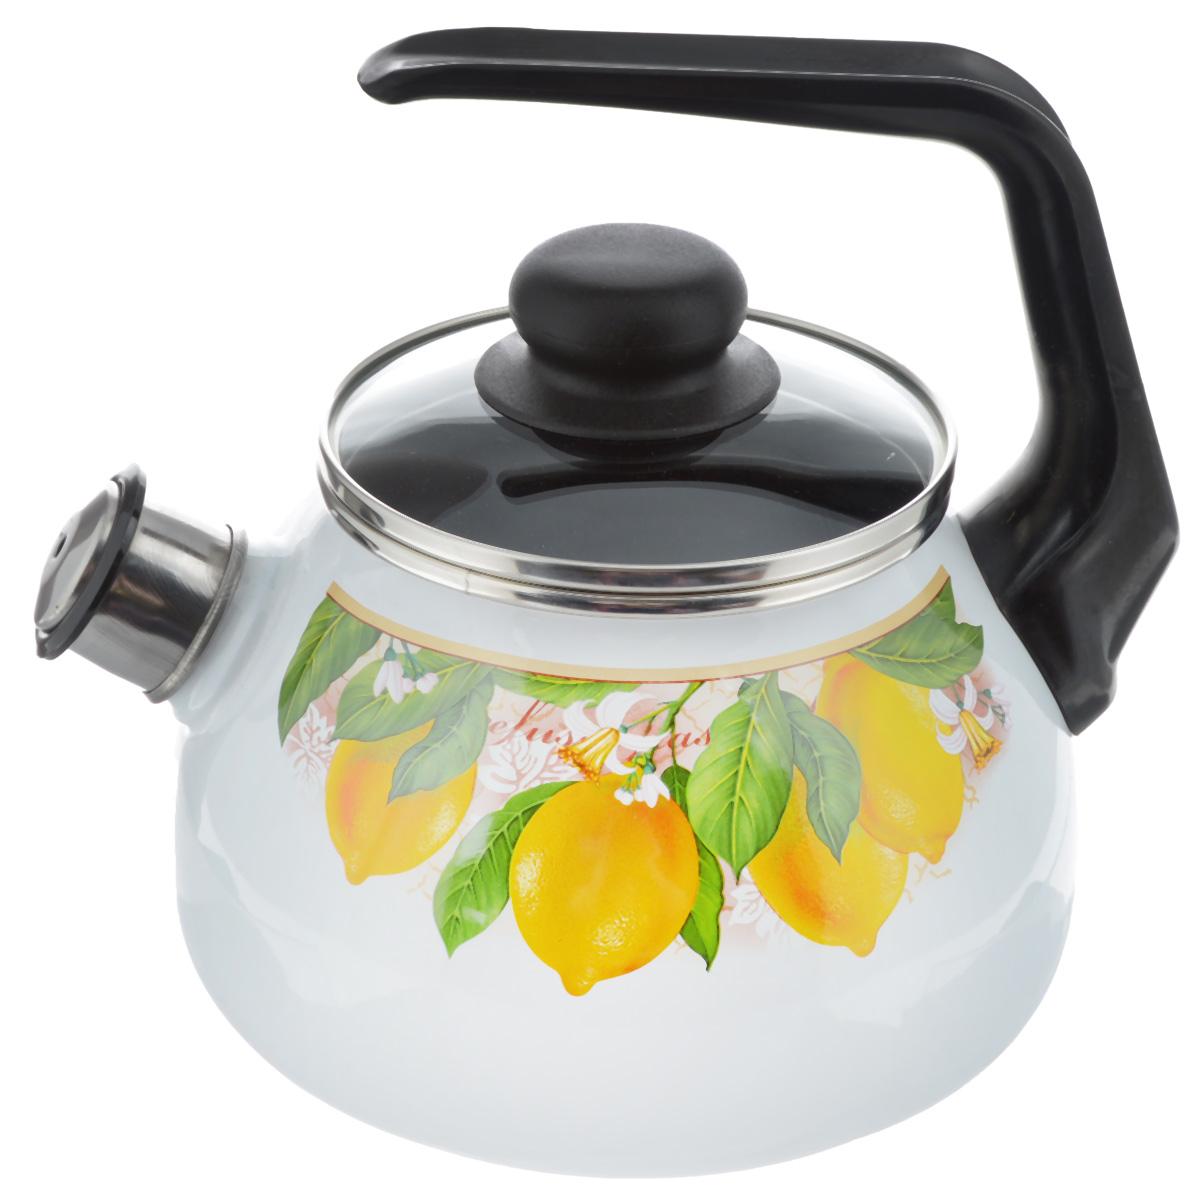 Чайник эмалированный Vitross Limon, со свистком, 2 л1RA12Чайник эмалированный Vitross Limon изготовлен из высококачественного стального проката со стеклокерамическим эмалевым покрытием. Корпус оформлен красочным цветочным рисунком. Стеклокерамика инертна и устойчива к пищевым кислотам, не вступает во взаимодействие с продуктами и не искажает их вкусовые качества. Прочный стальной корпус обеспечивает эффективную тепловую обработку пищевых продуктов и не деформируется в процессе эксплуатации.Чайник оснащен удобной пластиковой ручкой черного цвета. Крышка чайника выполнена из стекла. Носик чайника с насадкой-свистком позволит вам контролировать процесс подогрева или кипячения воды. Чайник пригоден для использования на всех видах плит, включая индукционные. Можно мыть в посудомоечной машине. Диаметр (по верхнему краю): 12,5 см.Высота чайника (с учетом ручки): 21 см.Высота чайника (без учета ручки и крышки): 12,5 см.